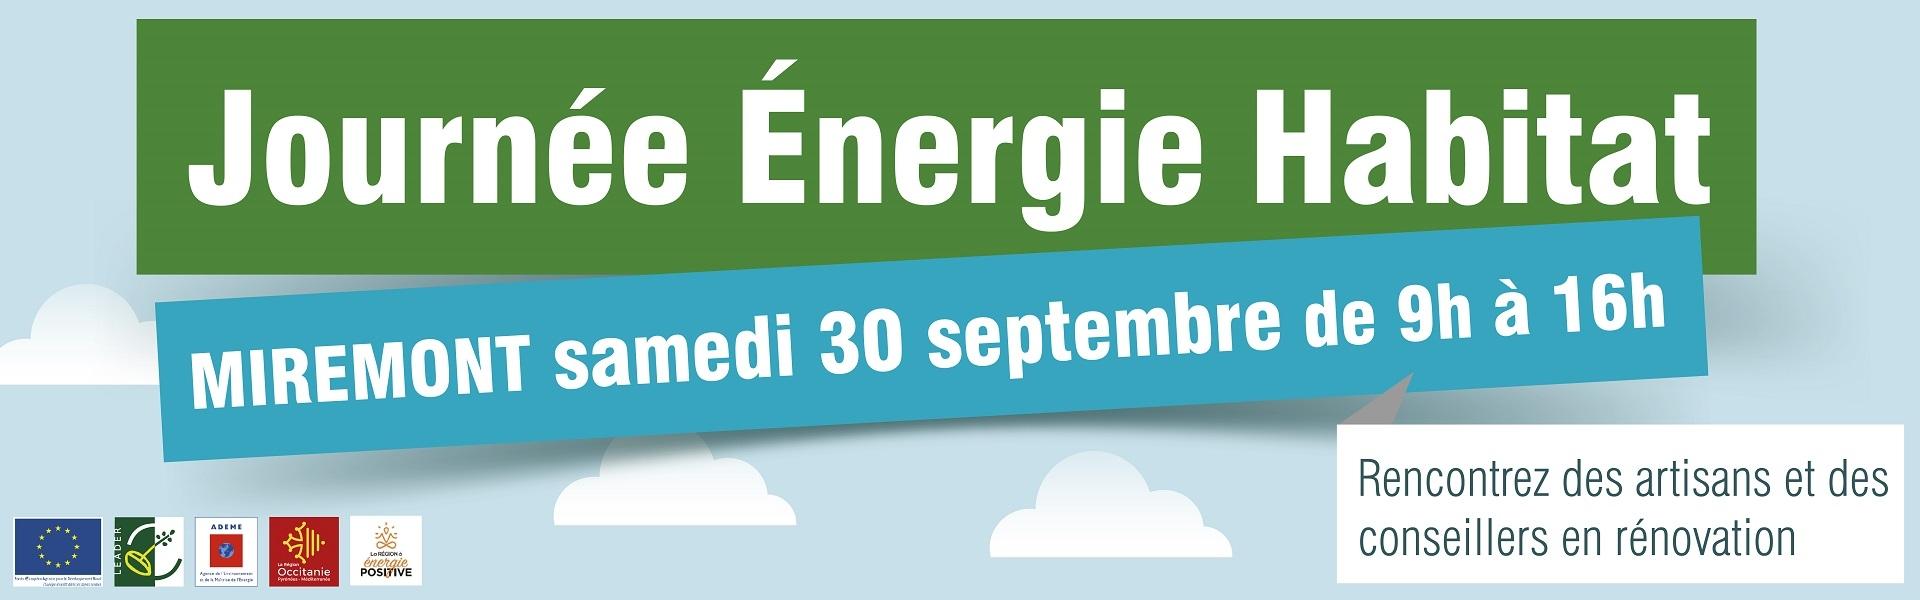 Journée énergie habitat de Miremont